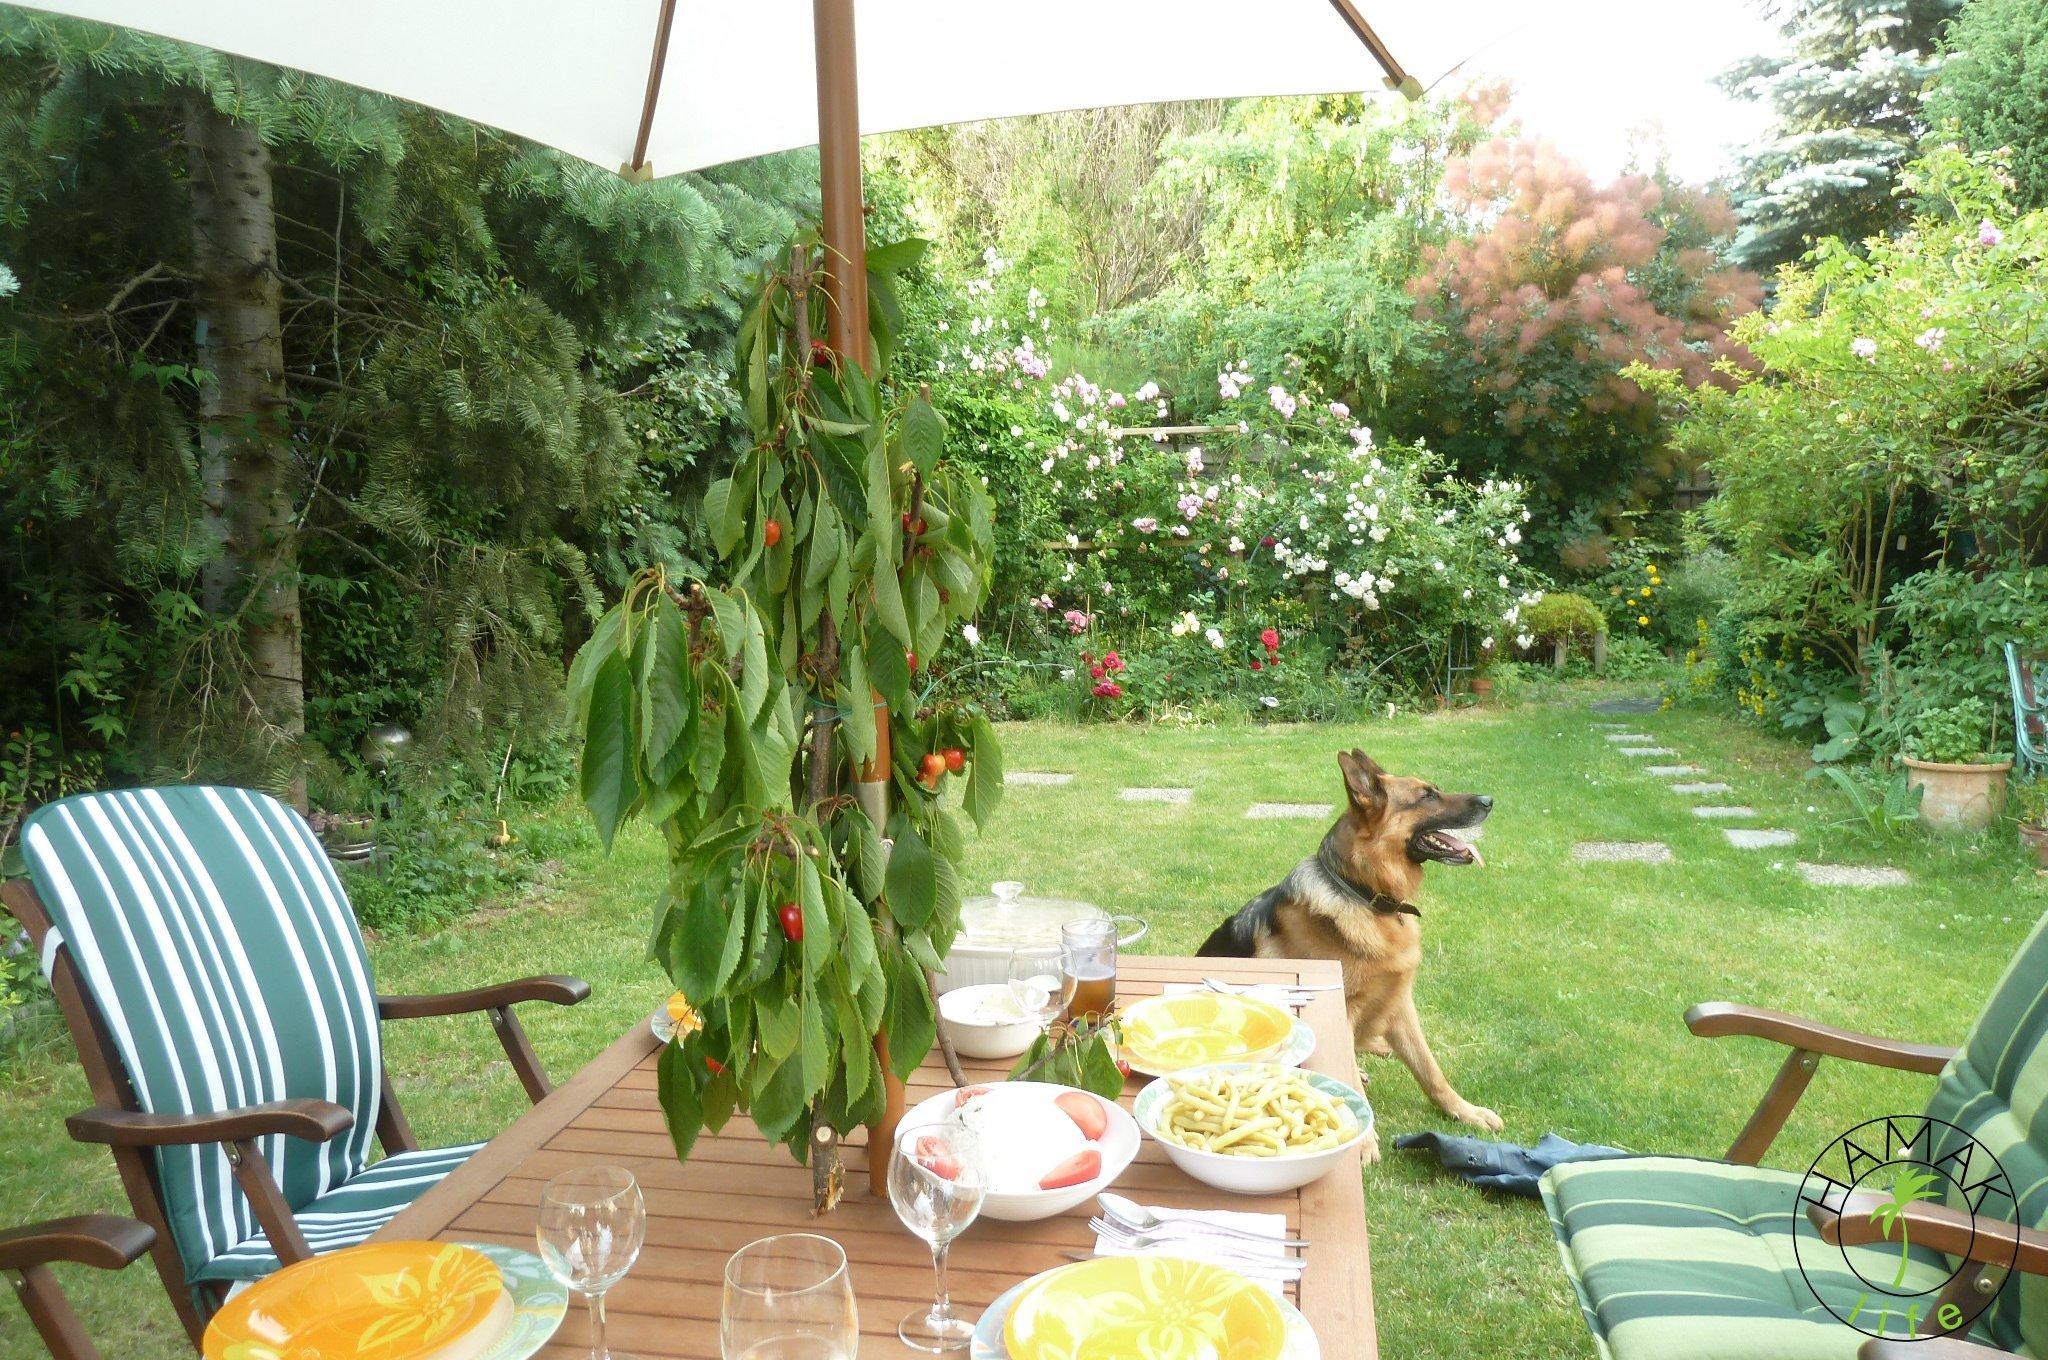 Planowanie dobrze rozpoczynać będąc najedzonym. Tutaj w ogrodzie.